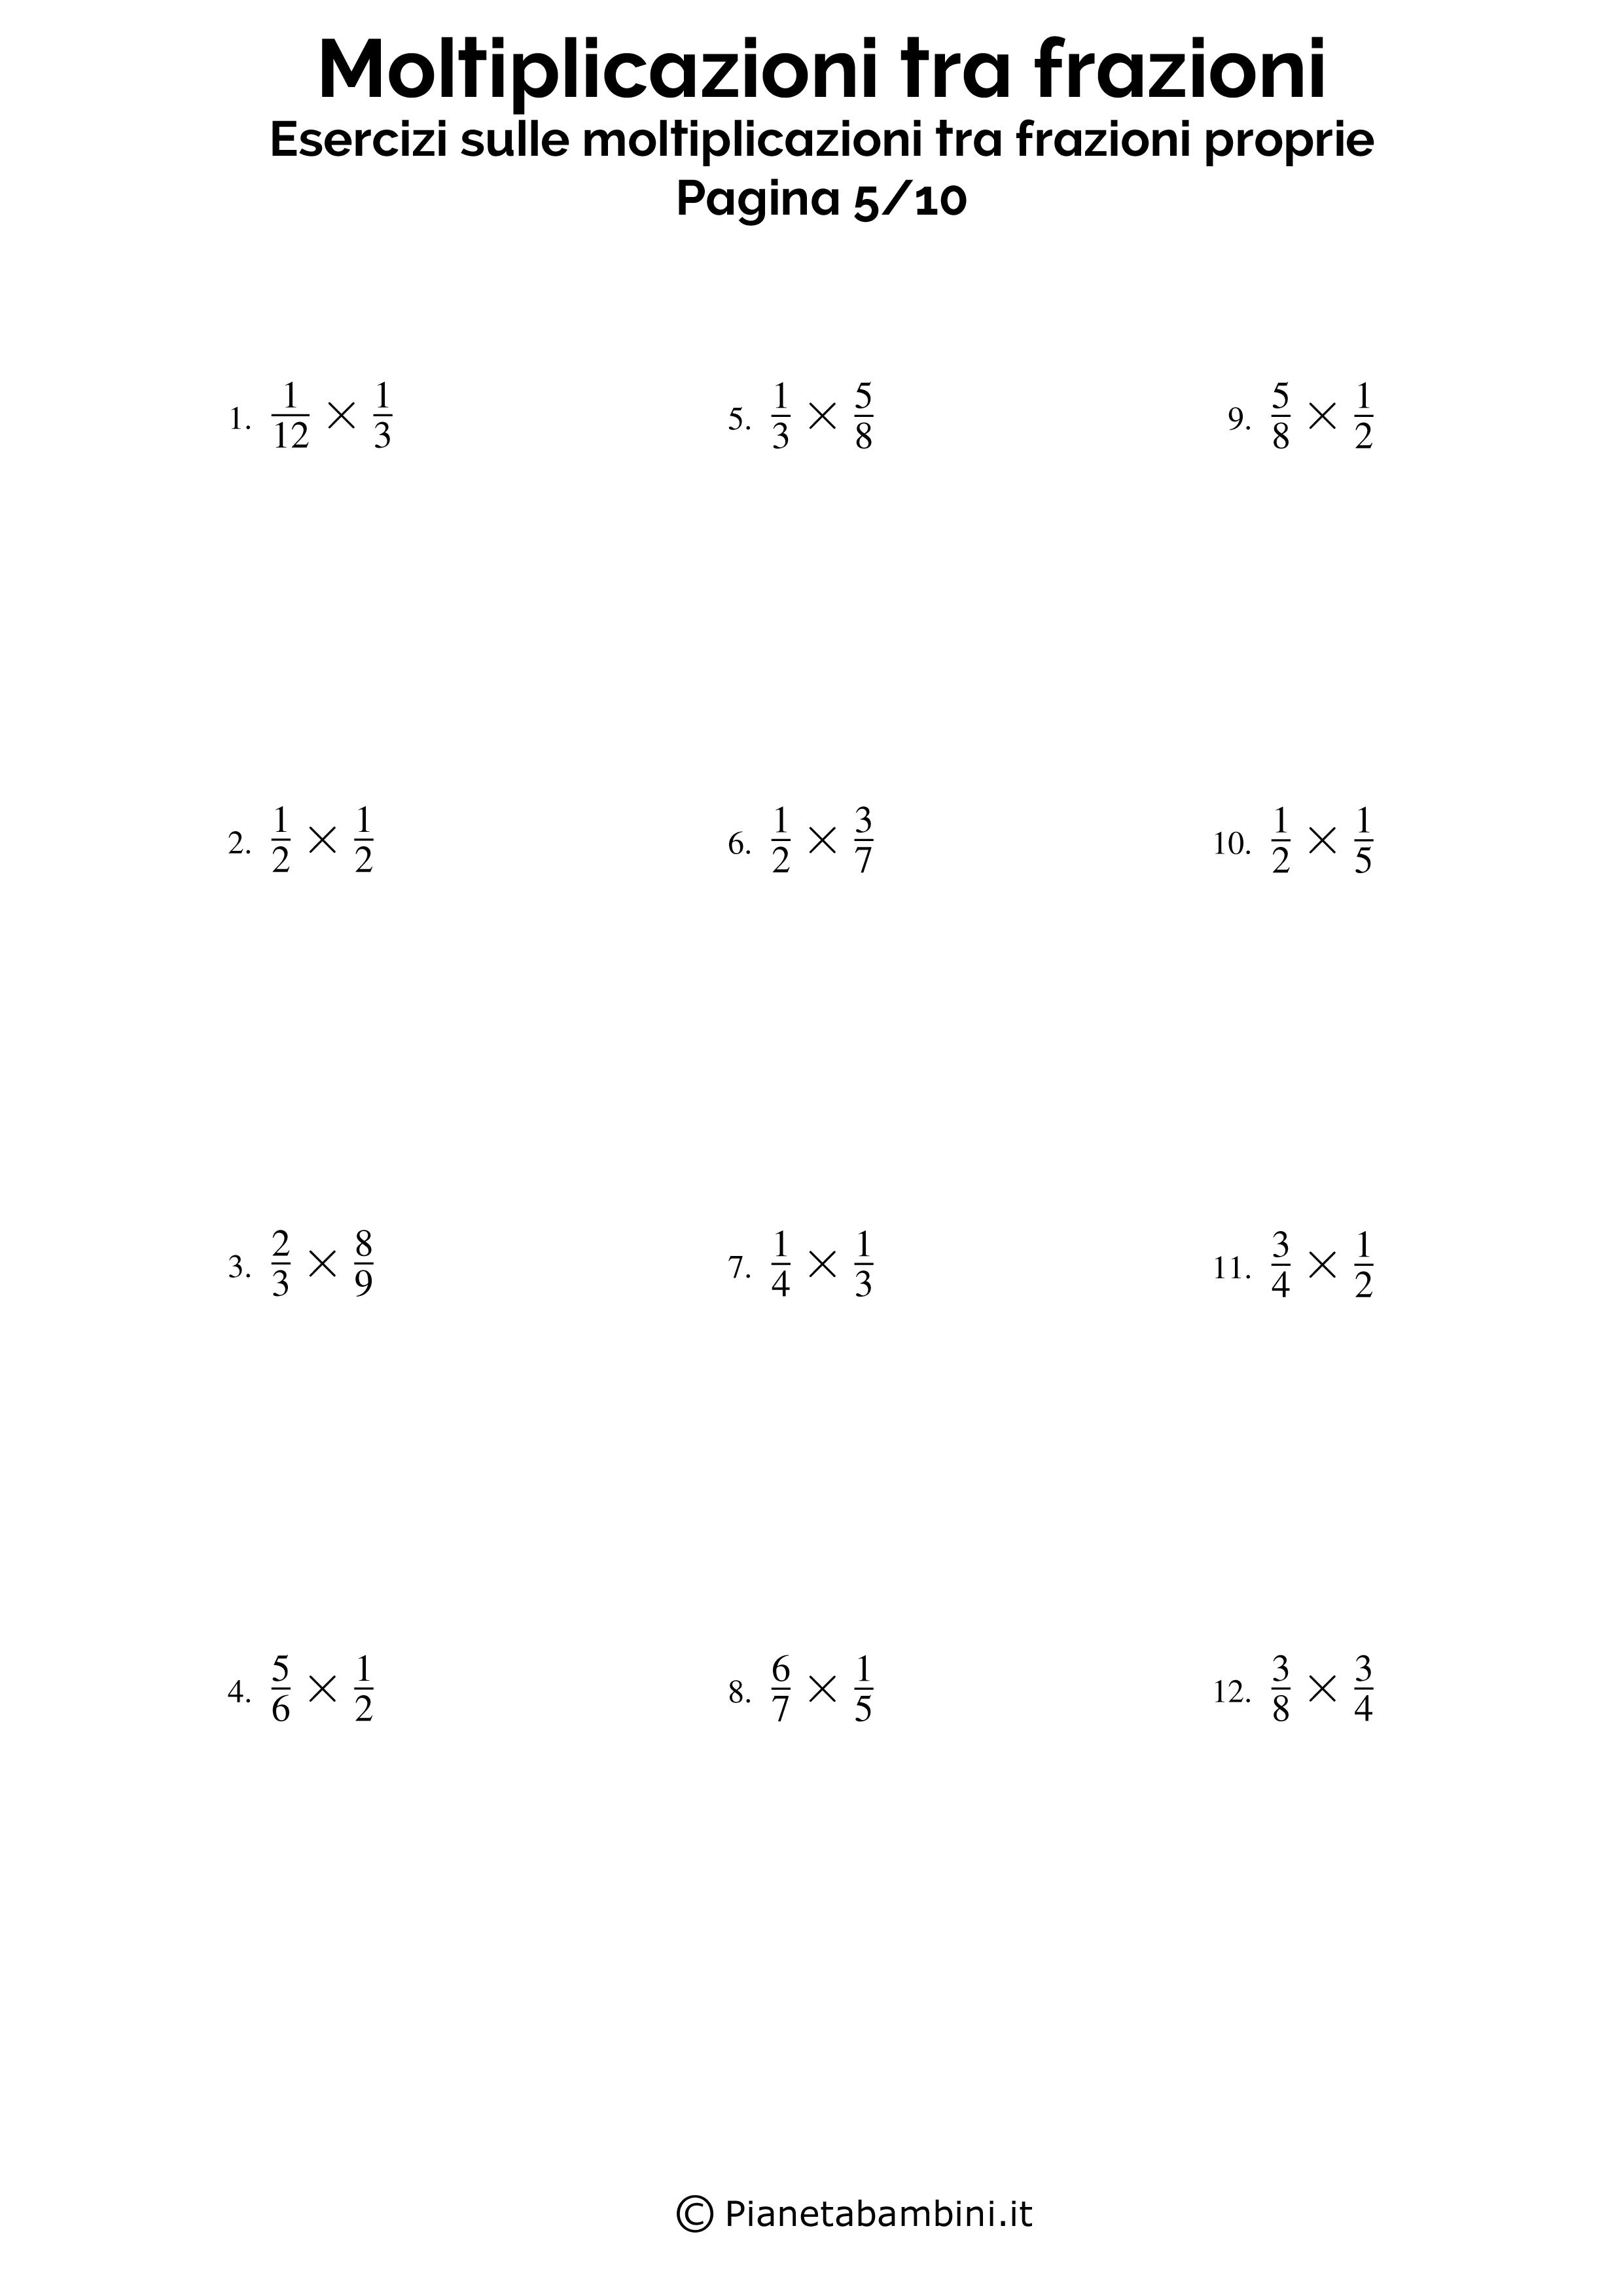 Moltiplicazioni-Frazioni-Proprie_05